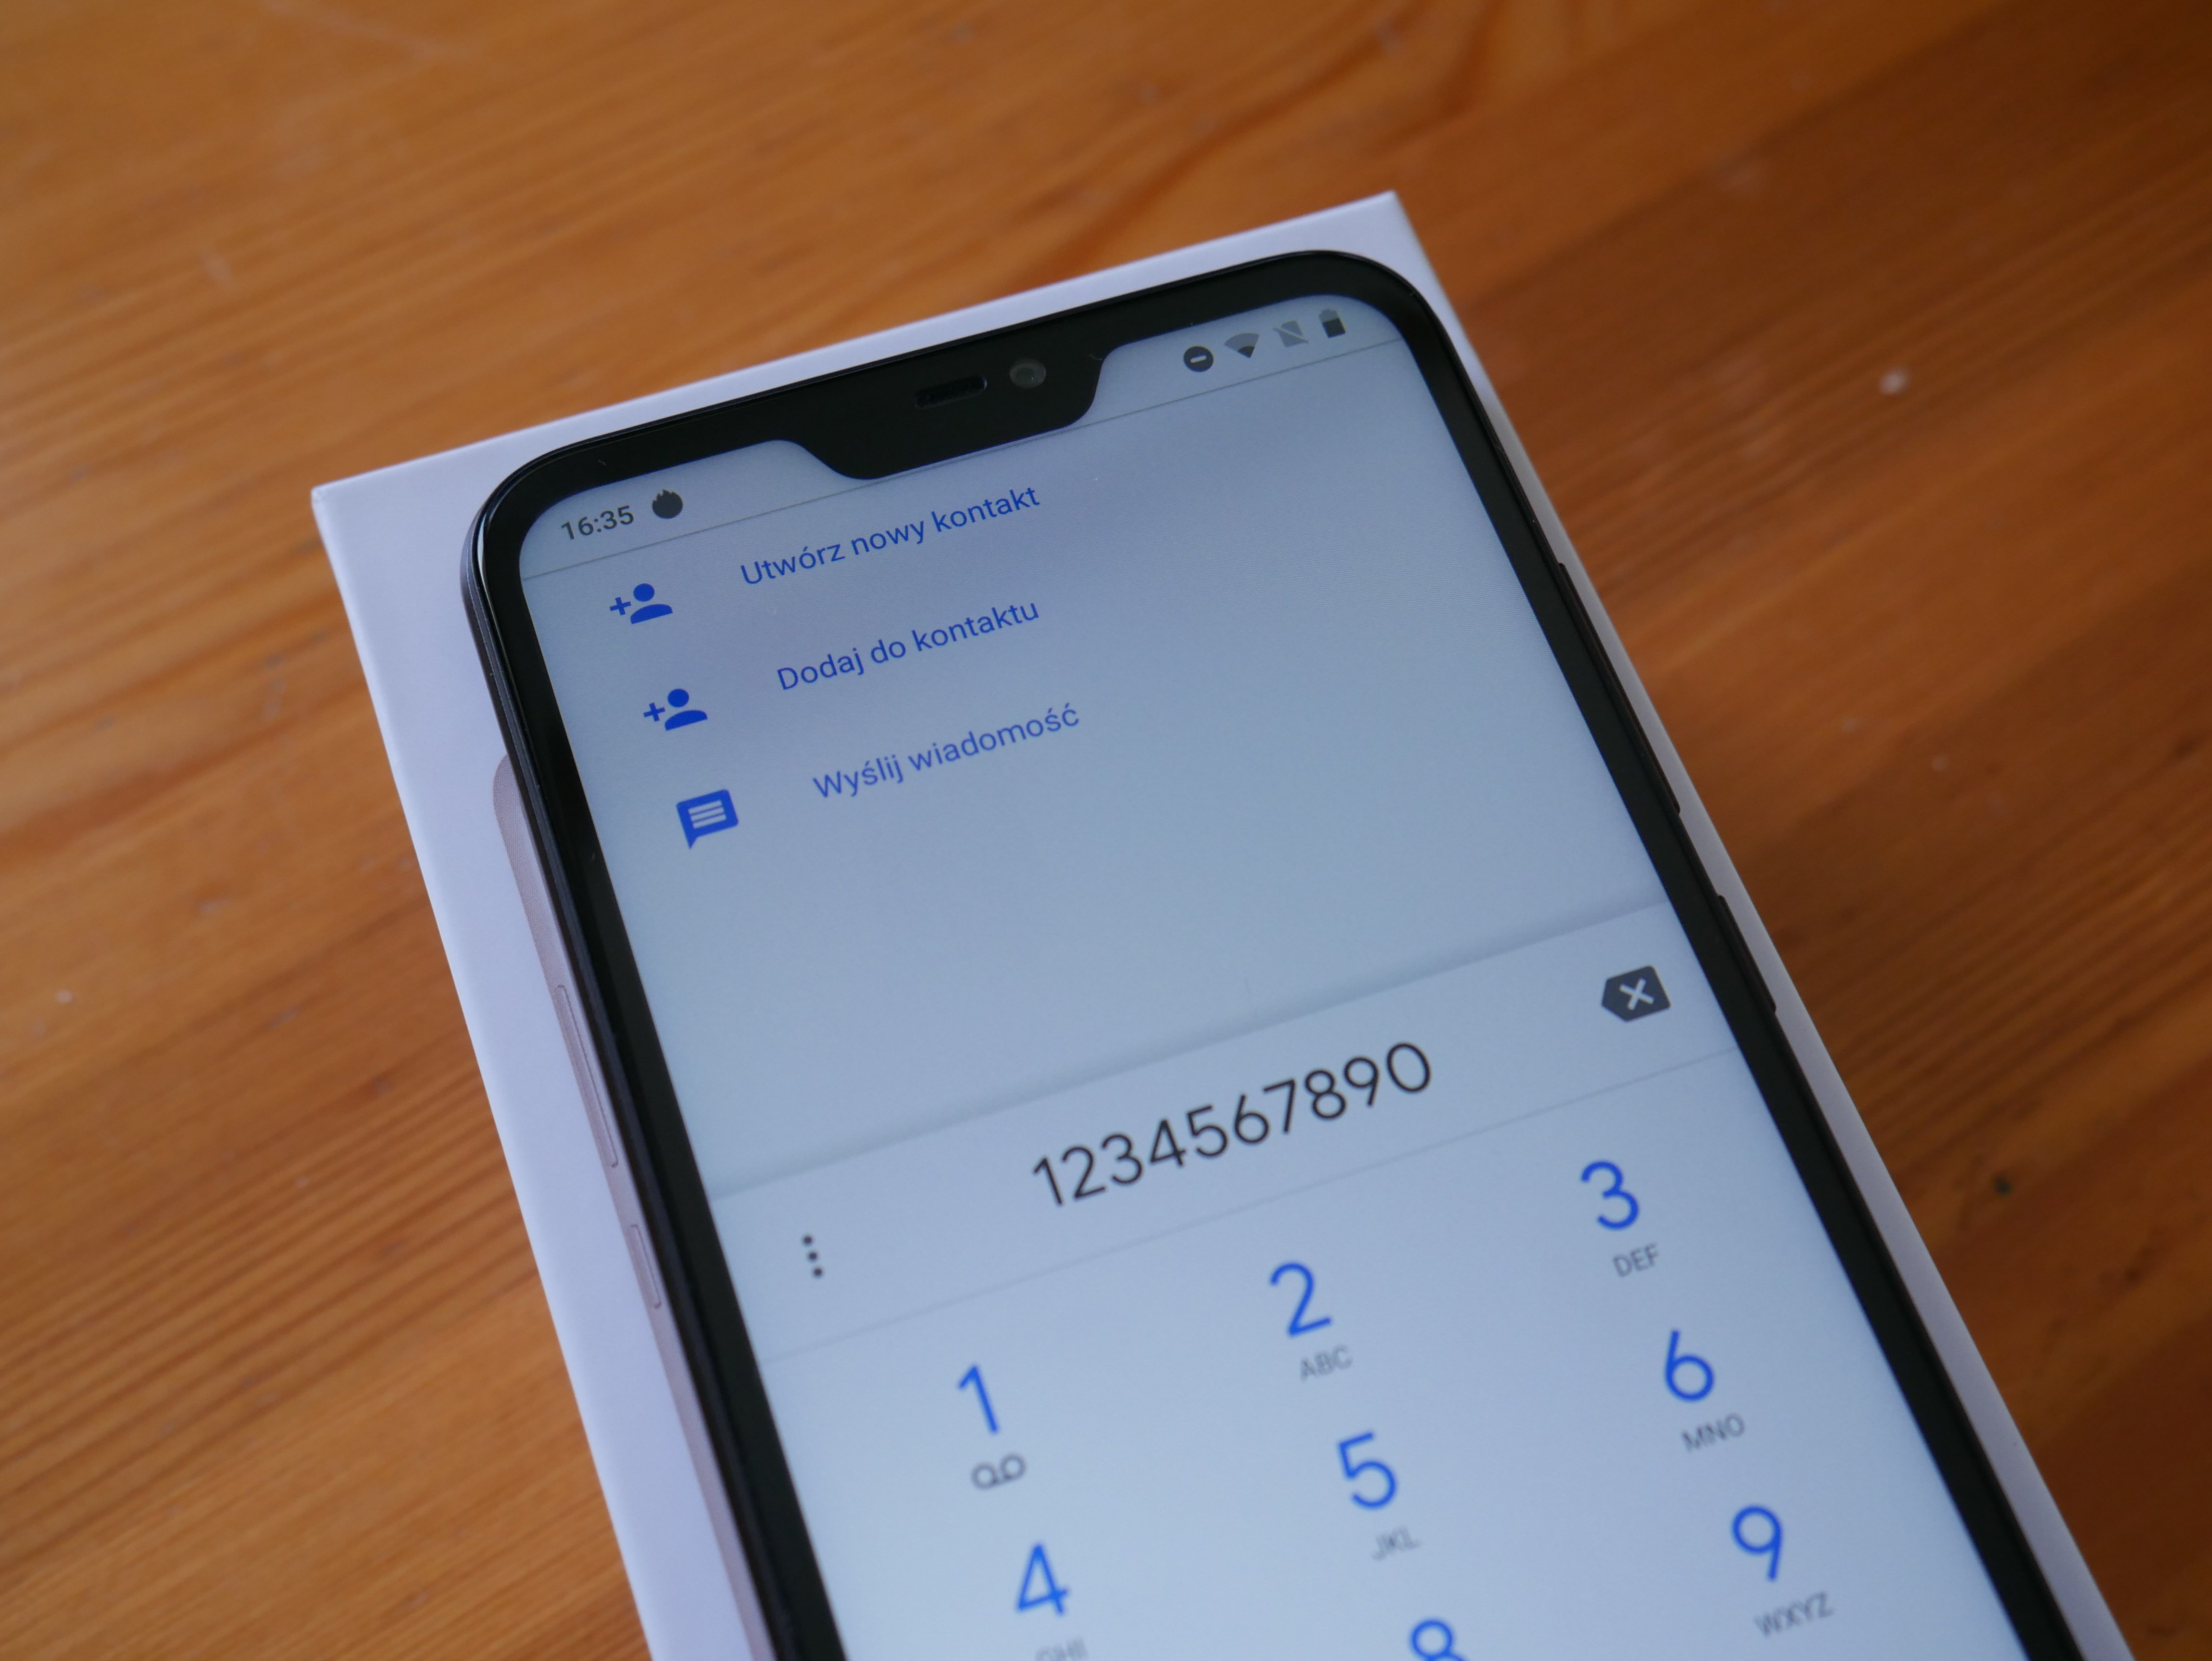 Poza tym jednak broni się obecnością LTE dual SIM GPS WiFi czy Bluetooth i każdy moduł pracuje dokładnie tak jakbyśmy tego od niego oczekiwali